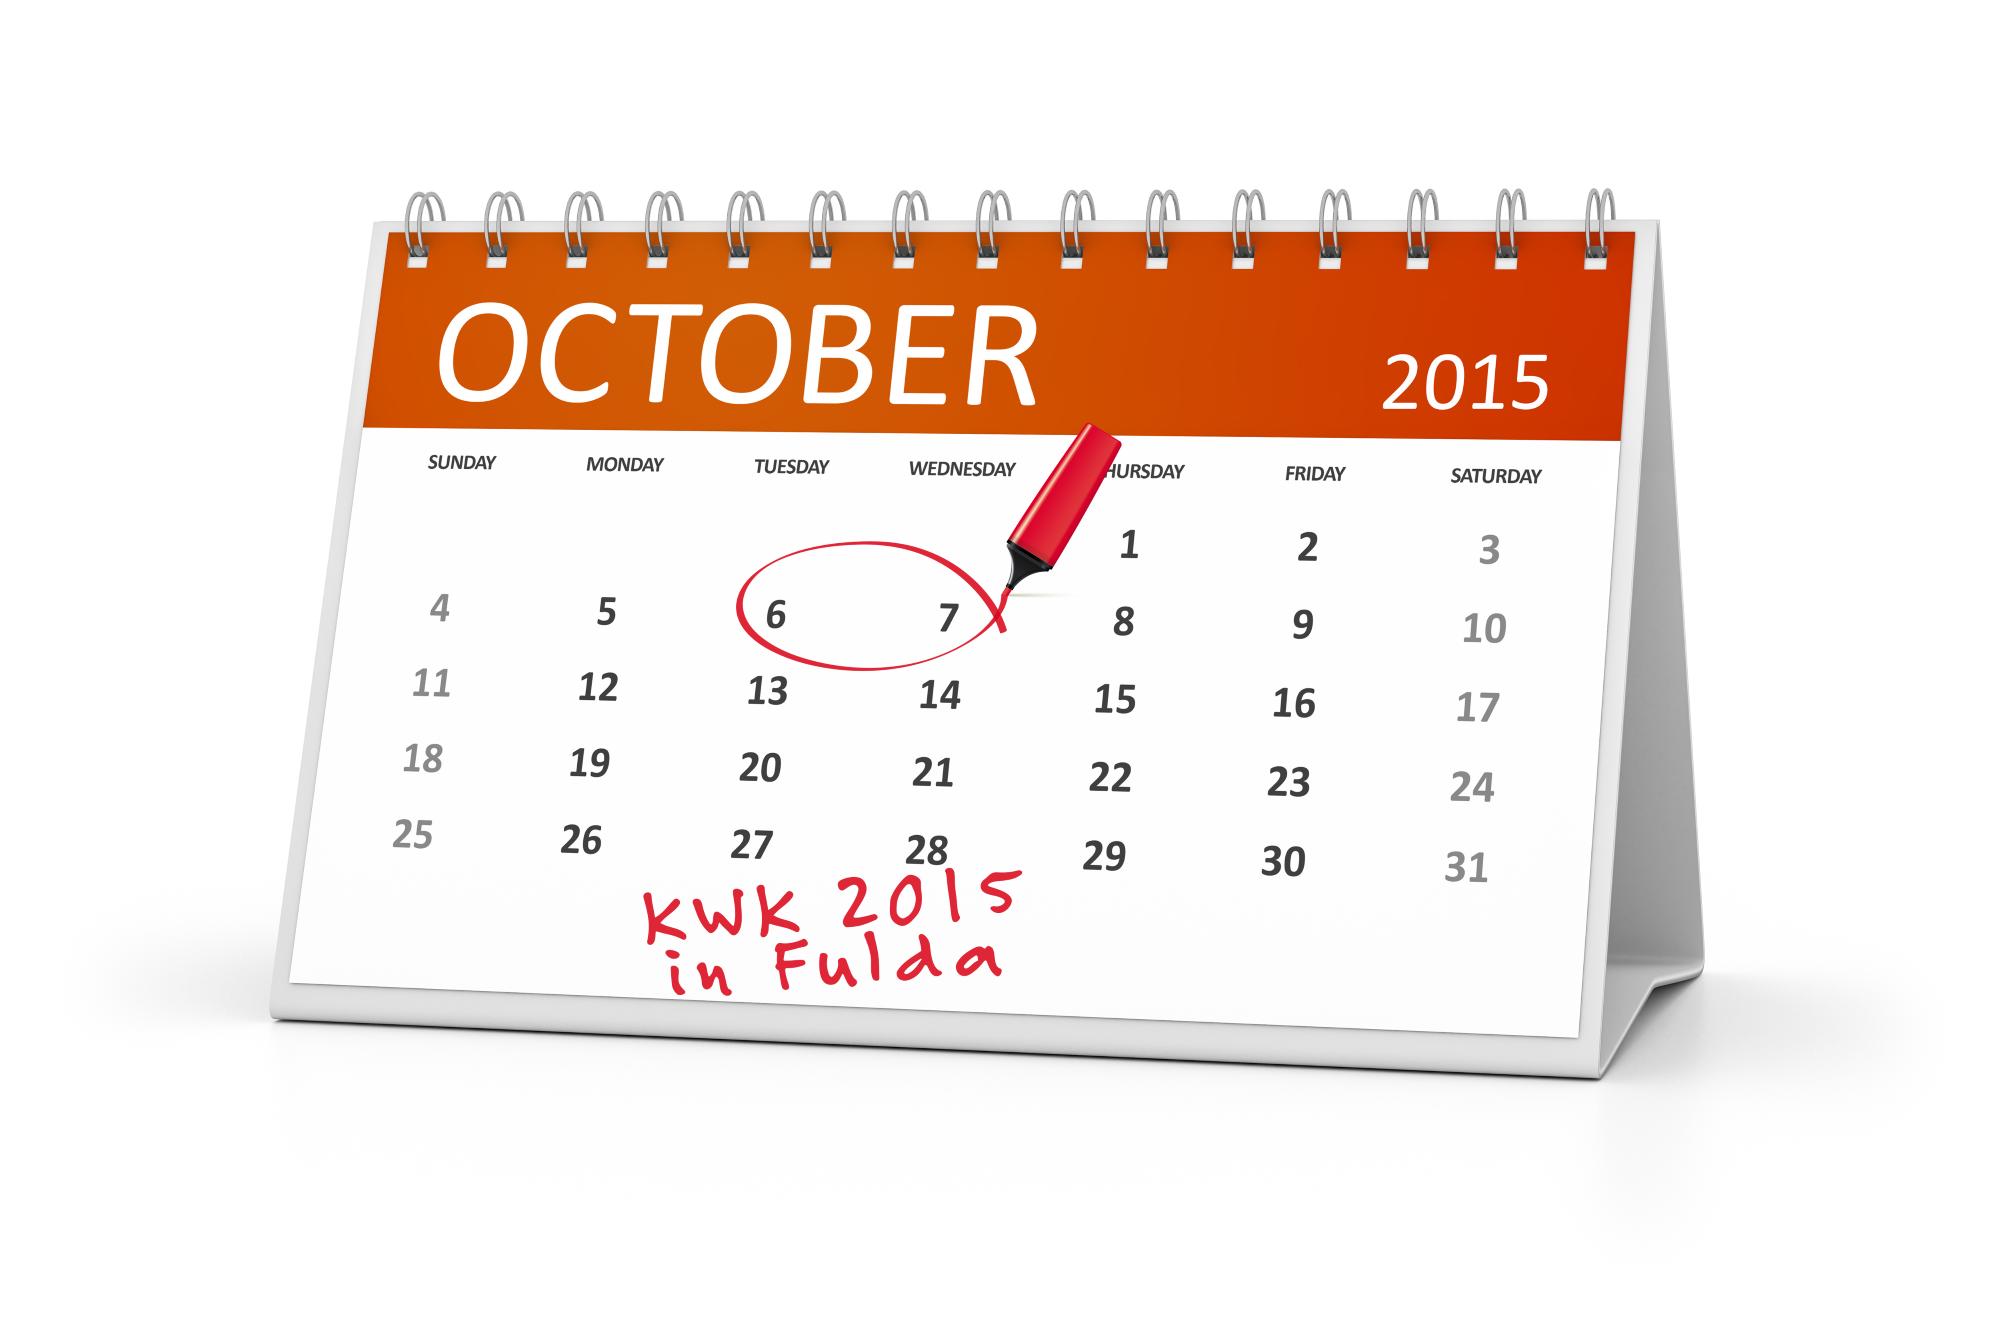 Am 06./07. Oktober 2015 findet in Fulda die KWK-Jahreskonferenz 2015 statt (Bild: magann-fotolia / BHKW-Infozentrum)